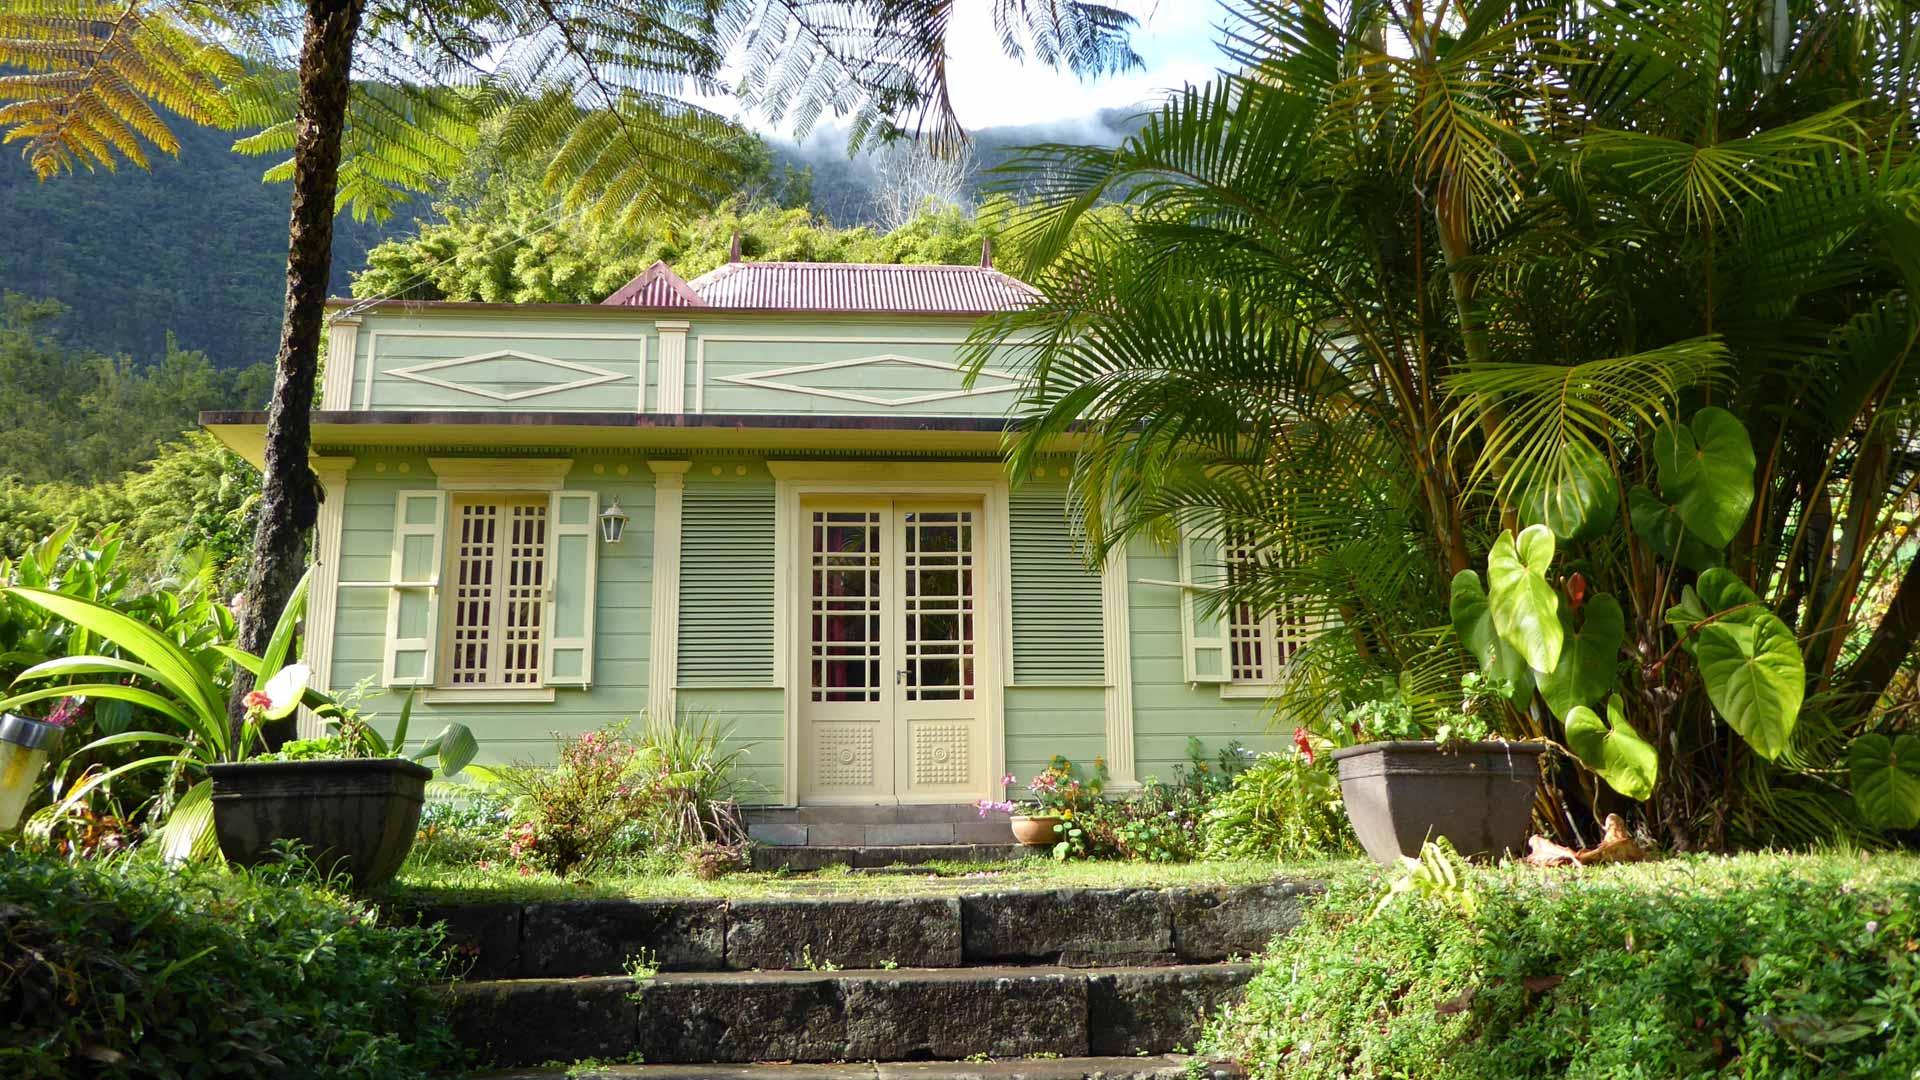 Vente - Agence immobilière Saint Pierre La Réunion